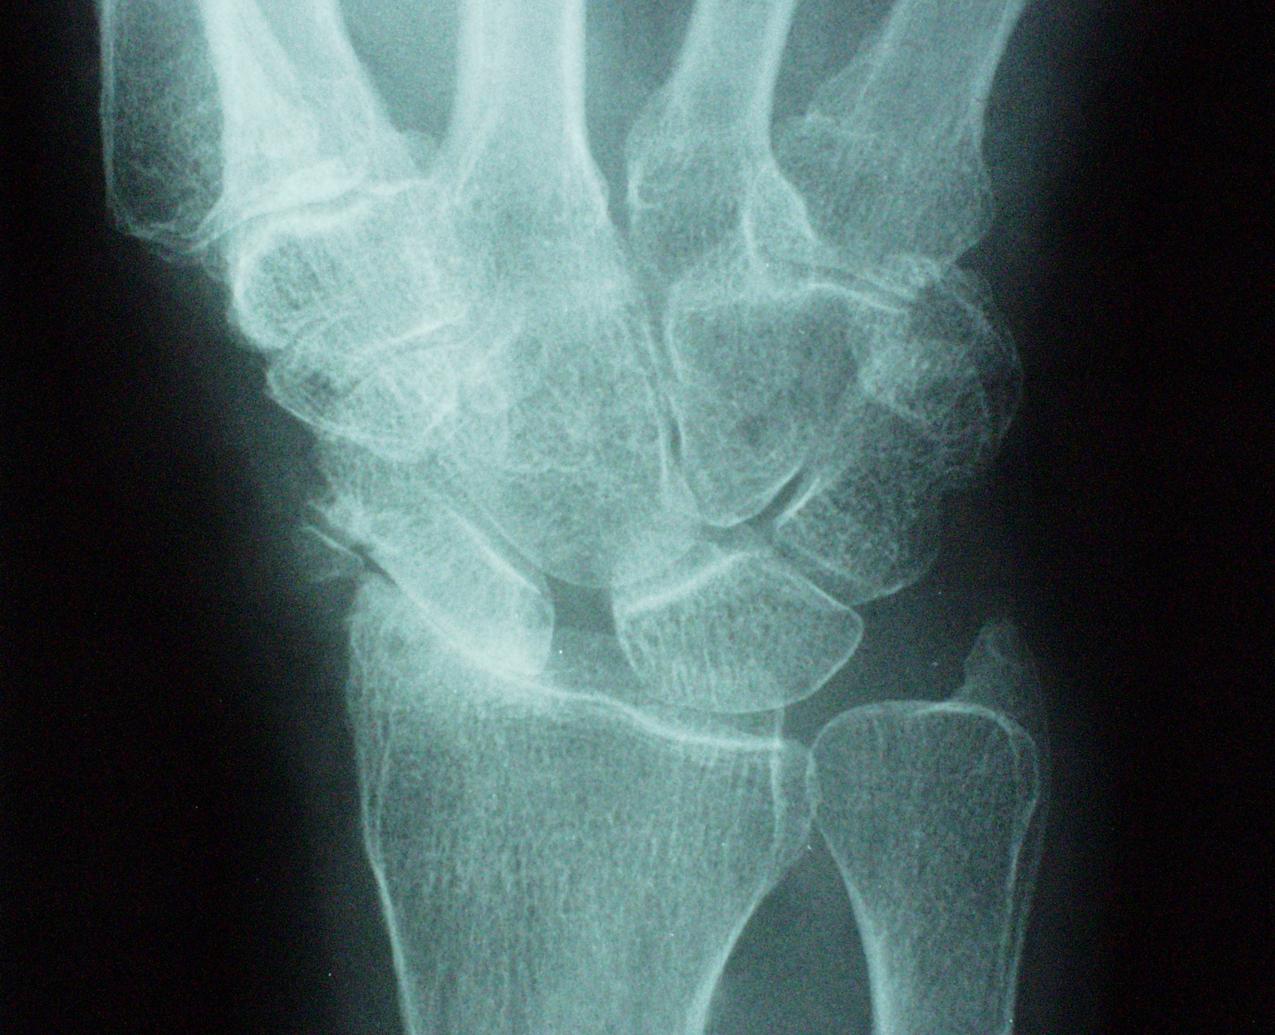 Slac wrist